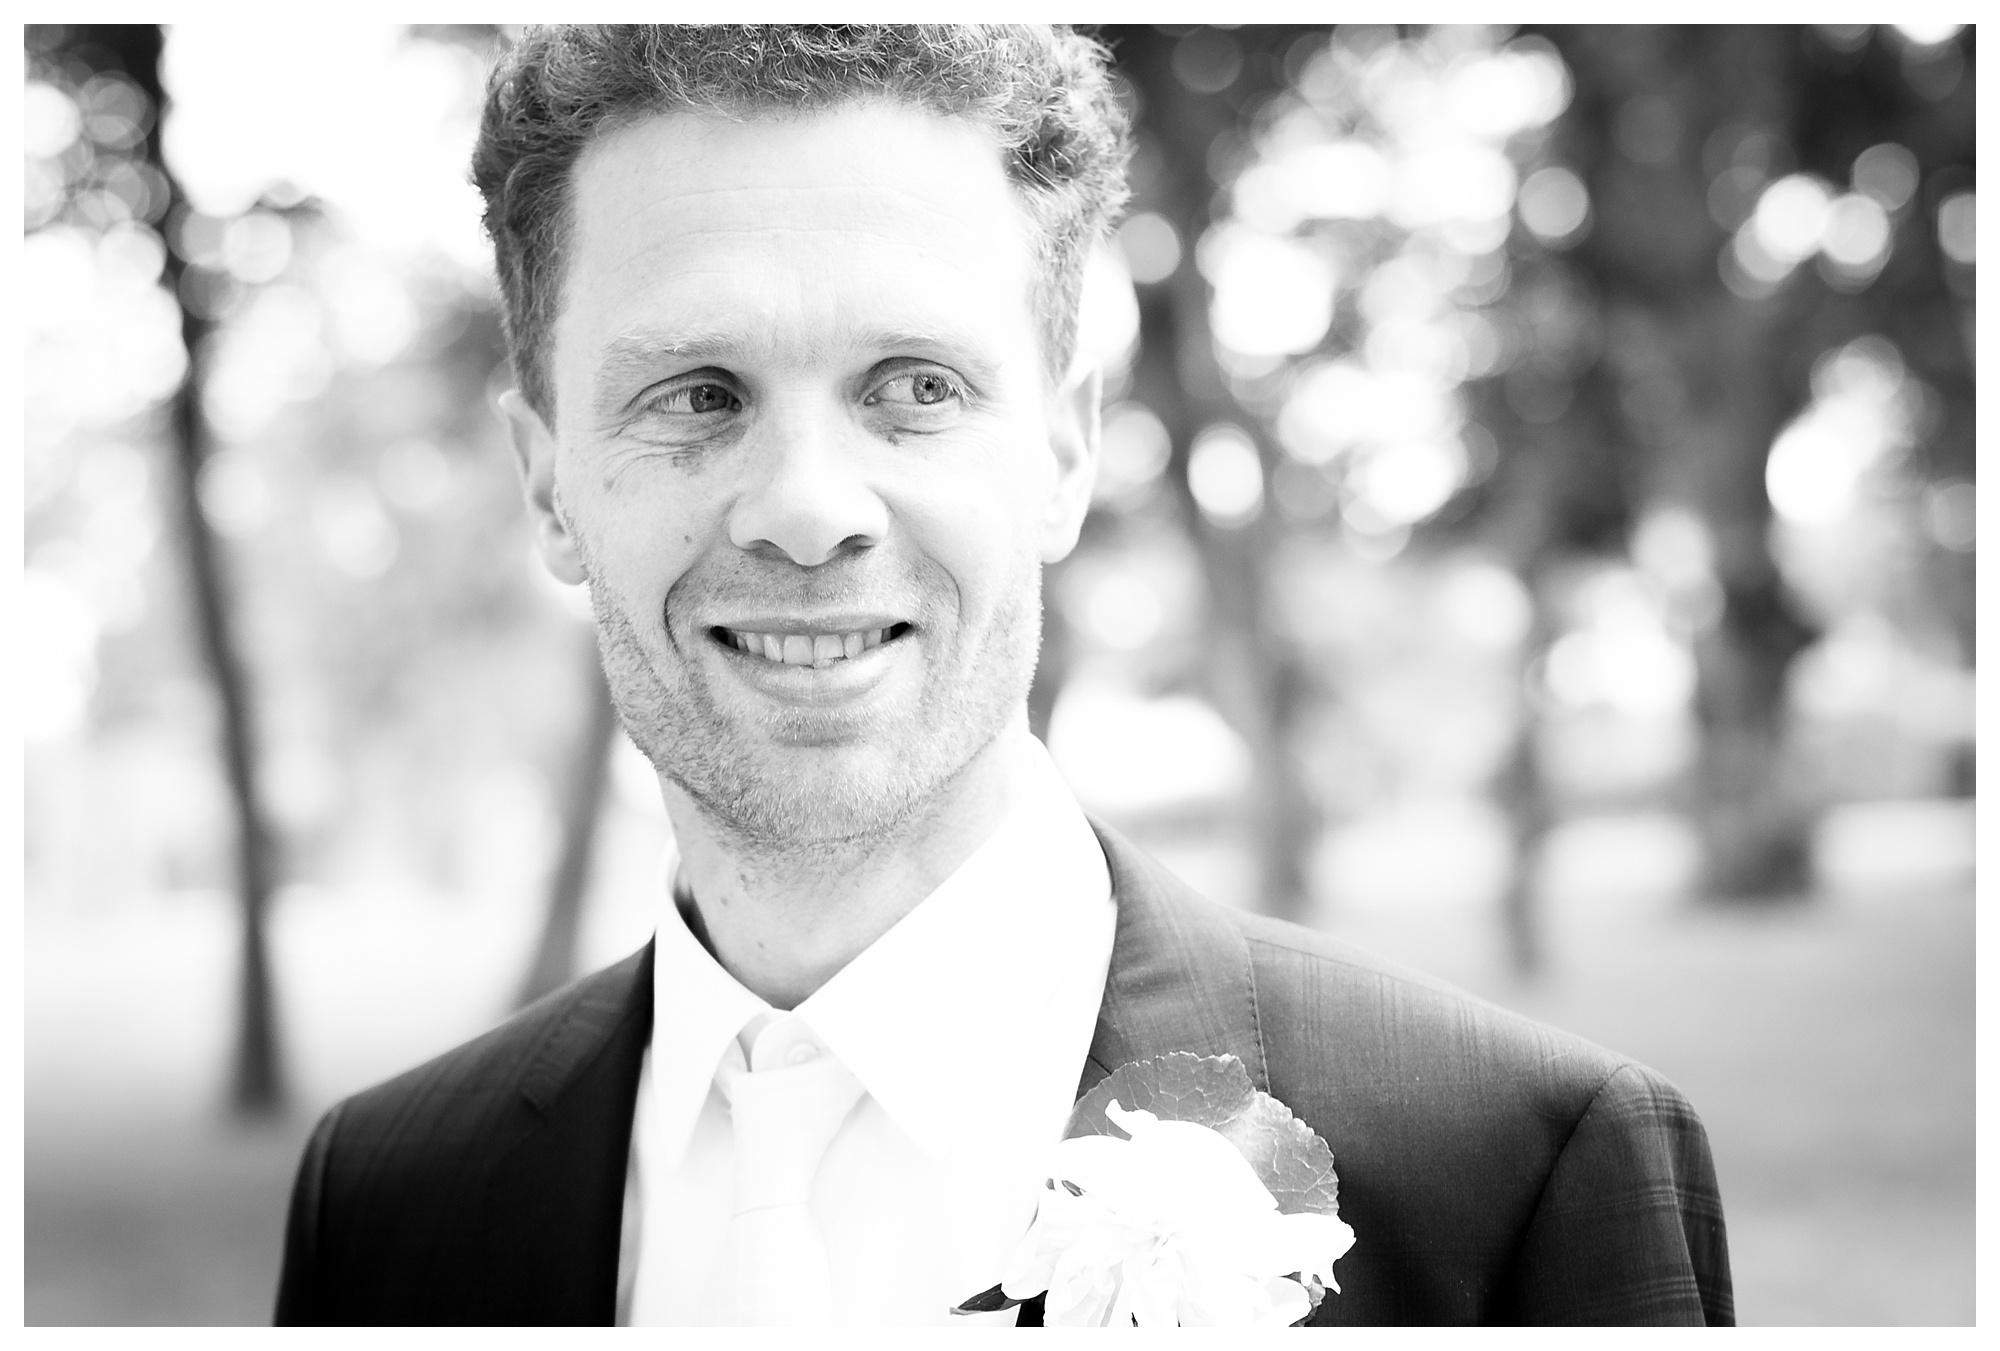 Fotograf Konstanz - Hochzeit Tanja Elmar Elmar Feuerbacher Photography Konstanz Messkirch Highlights 070 - Hochzeitsreportage von Tanja und Elmar im Schloss Meßkirch  - 67 -